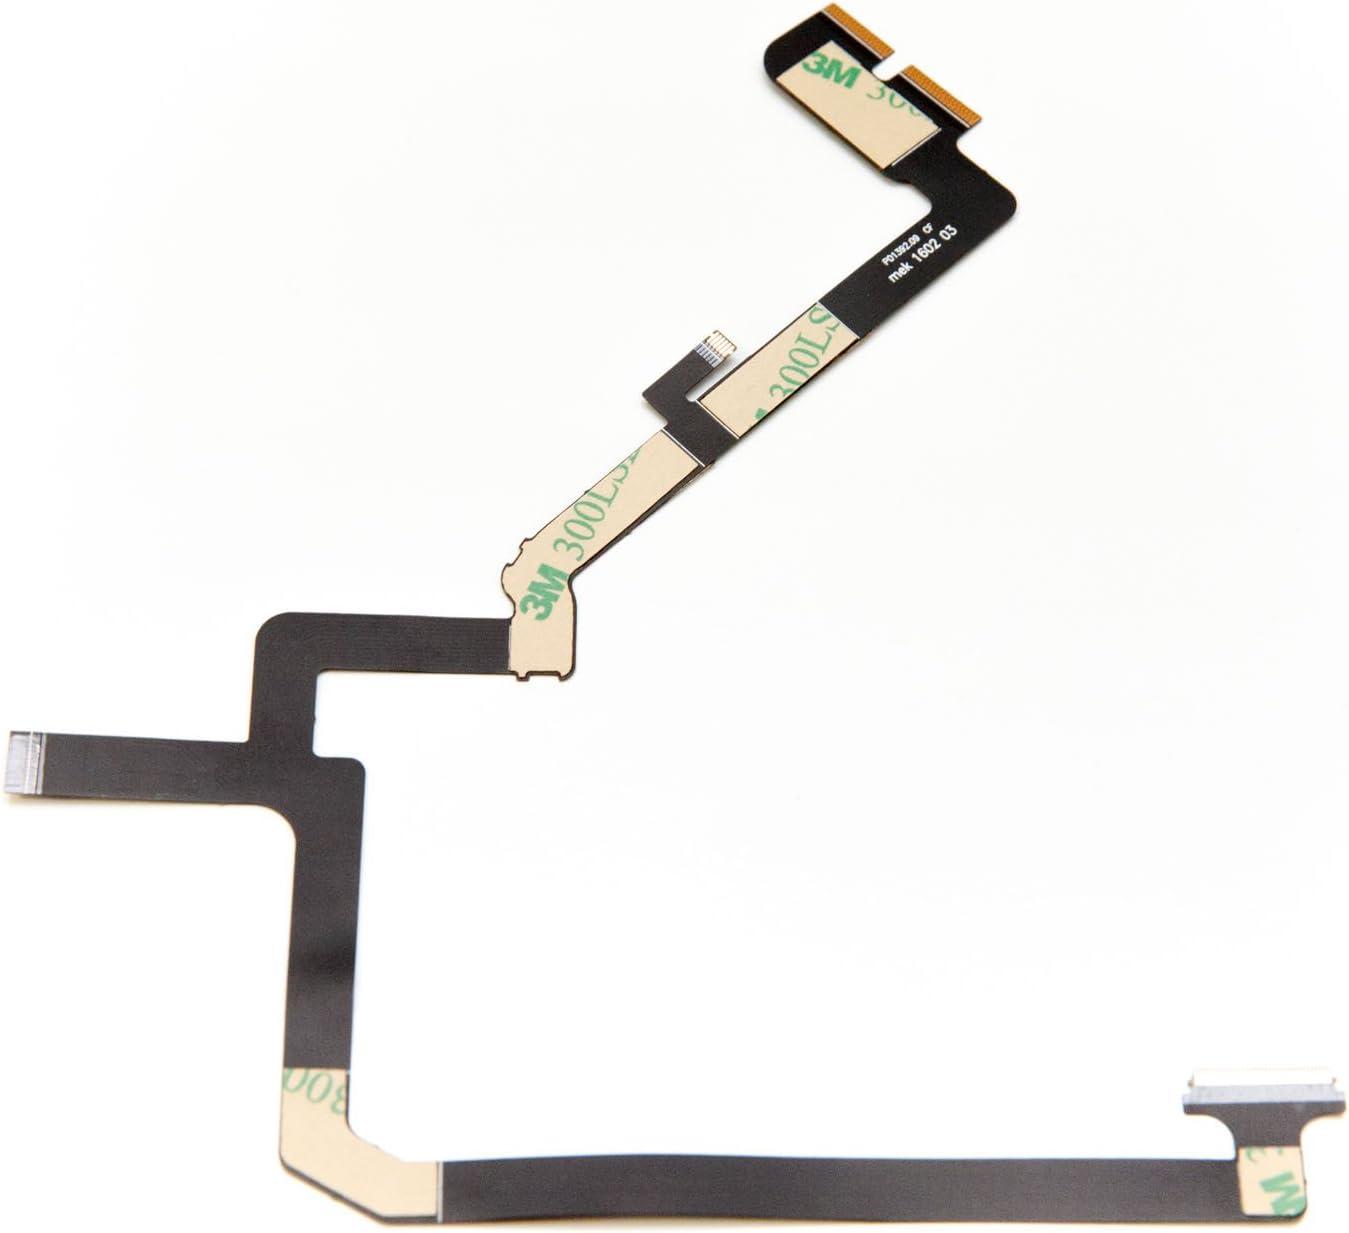 DJI Phantom 4 Flexible Gimbal / camara Flat Ribbon Cable